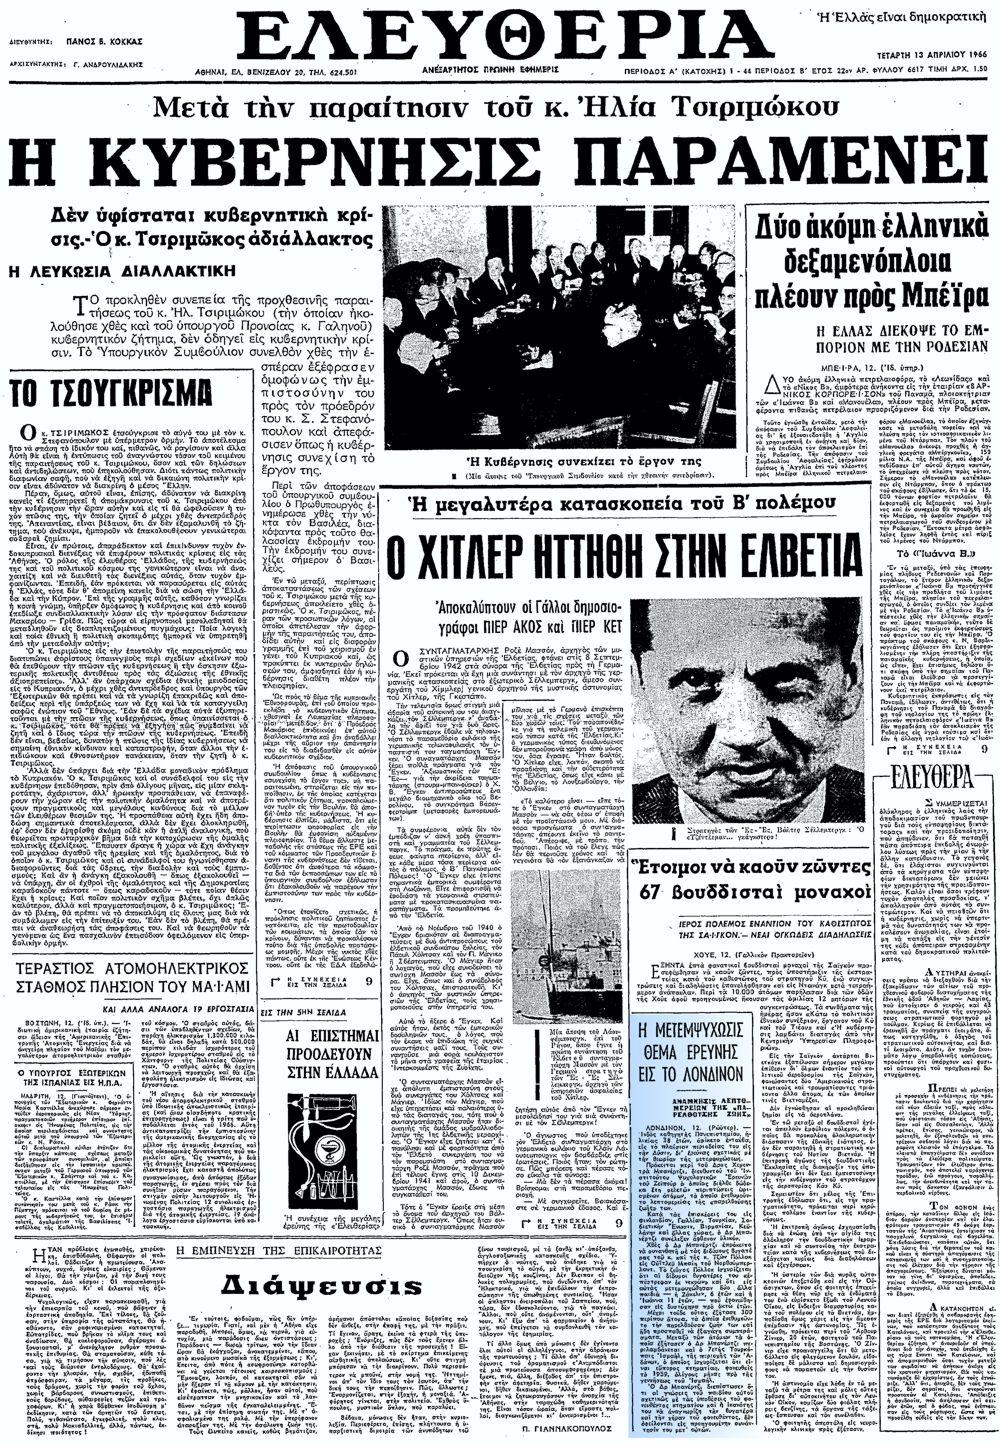 """Το άρθρο, όπως δημοσιεύθηκε στην εφημερίδα """"ΕΛΕΥΘΕΡΙΑ"""", στις 13/04/1966"""